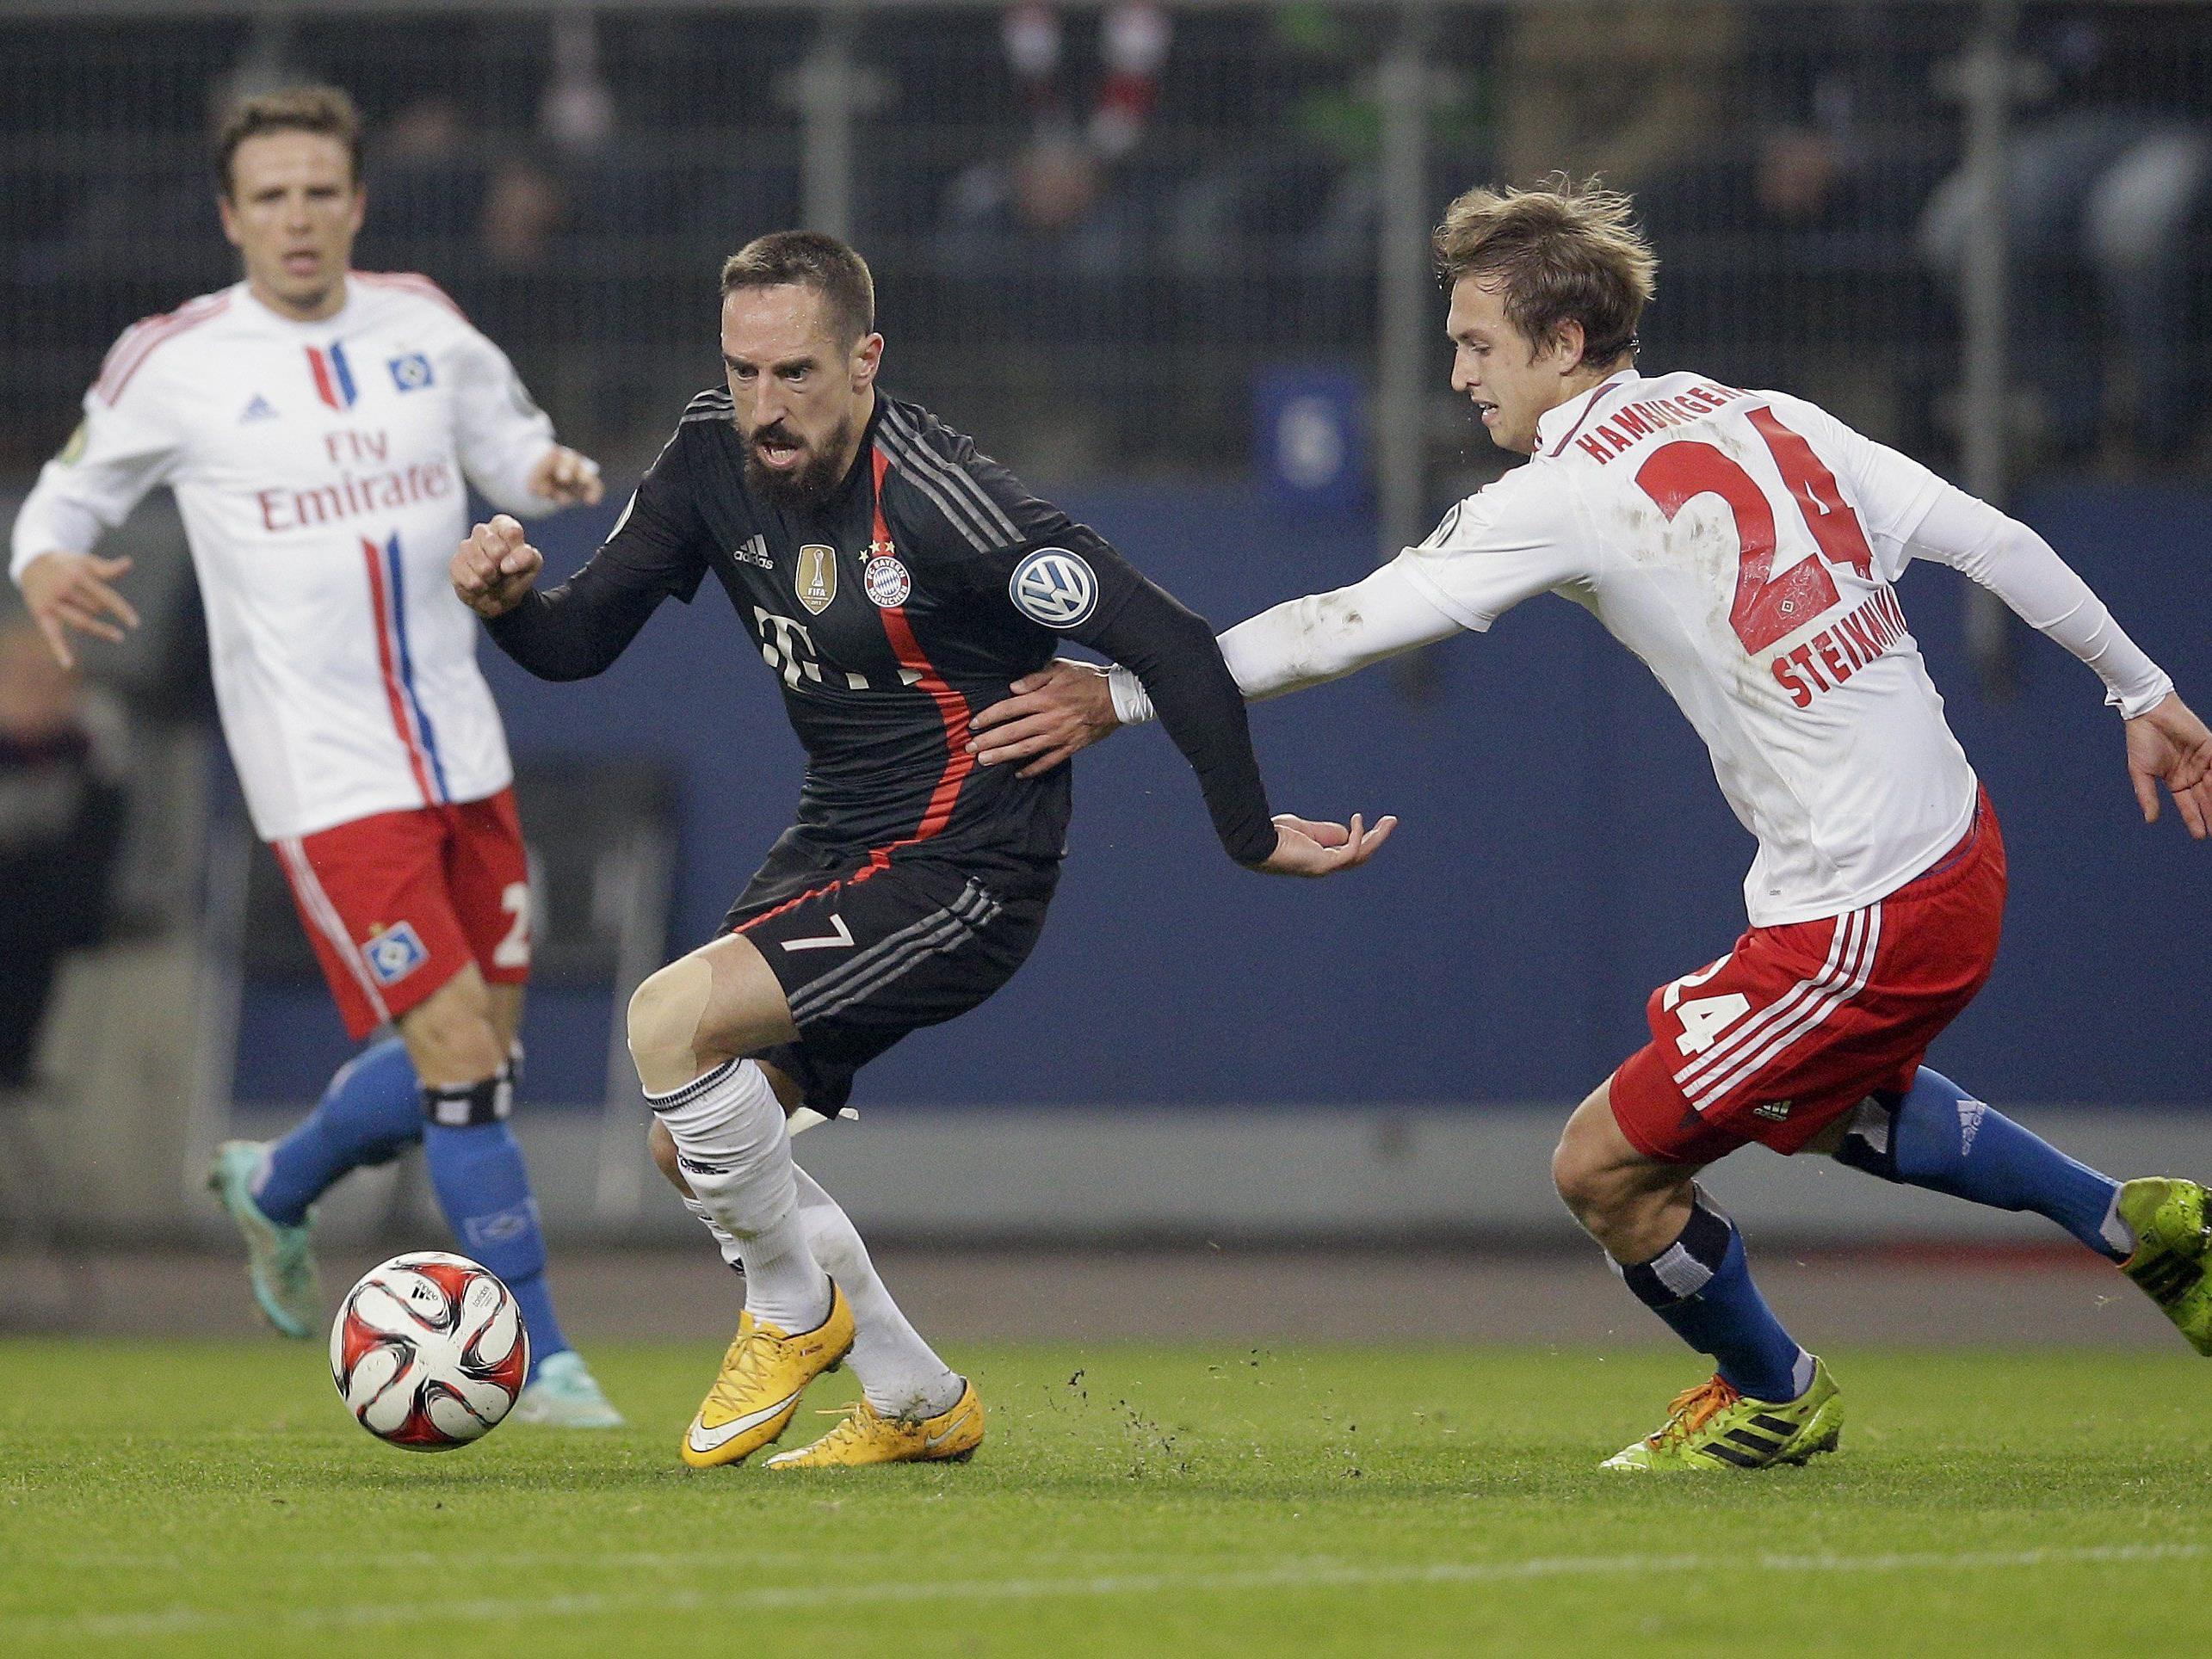 LIVE-Ticker zum Spiel Bayern München gegen HSV ab 15.30 Uhr.